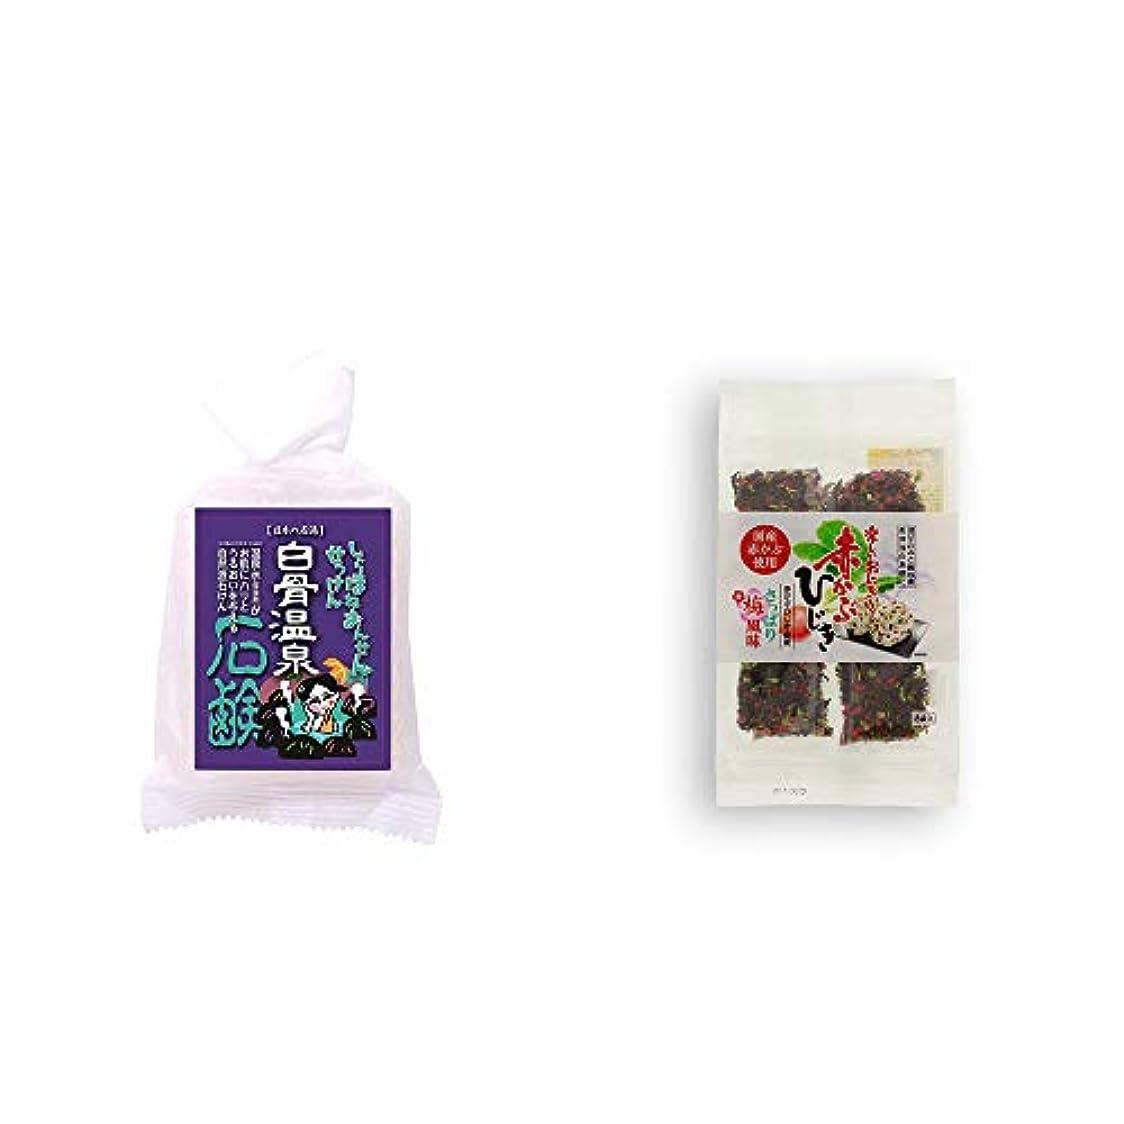 ペナルティ贅沢ベリ[2点セット] 信州 白骨温泉石鹸(80g)?楽しいおにぎり 赤かぶひじき(8g×8袋)